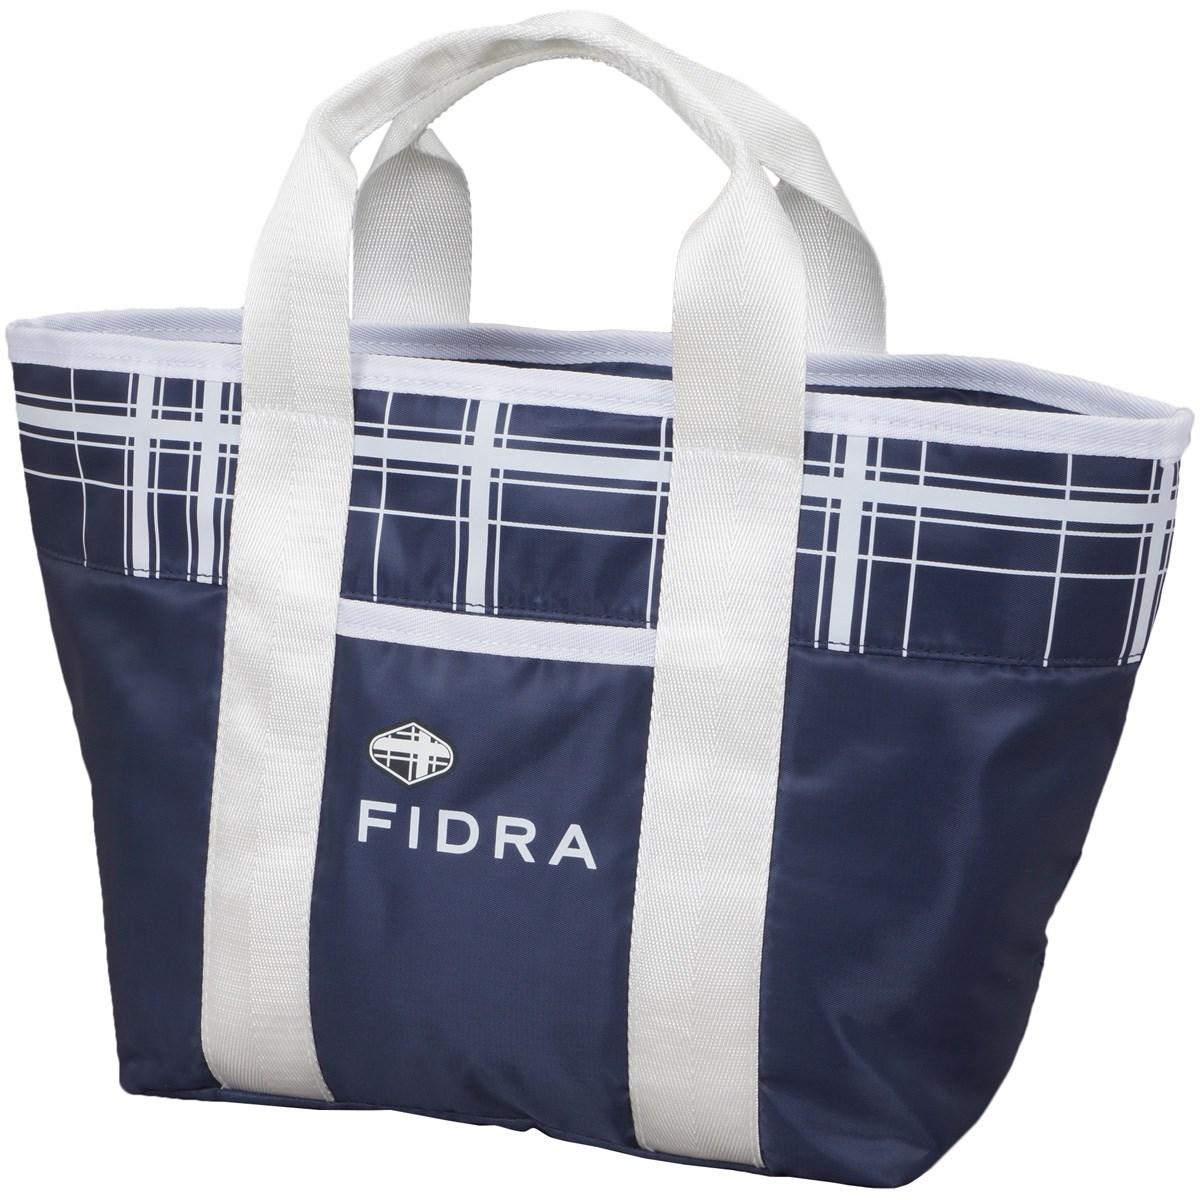 フィドラ RIPカートバッグ